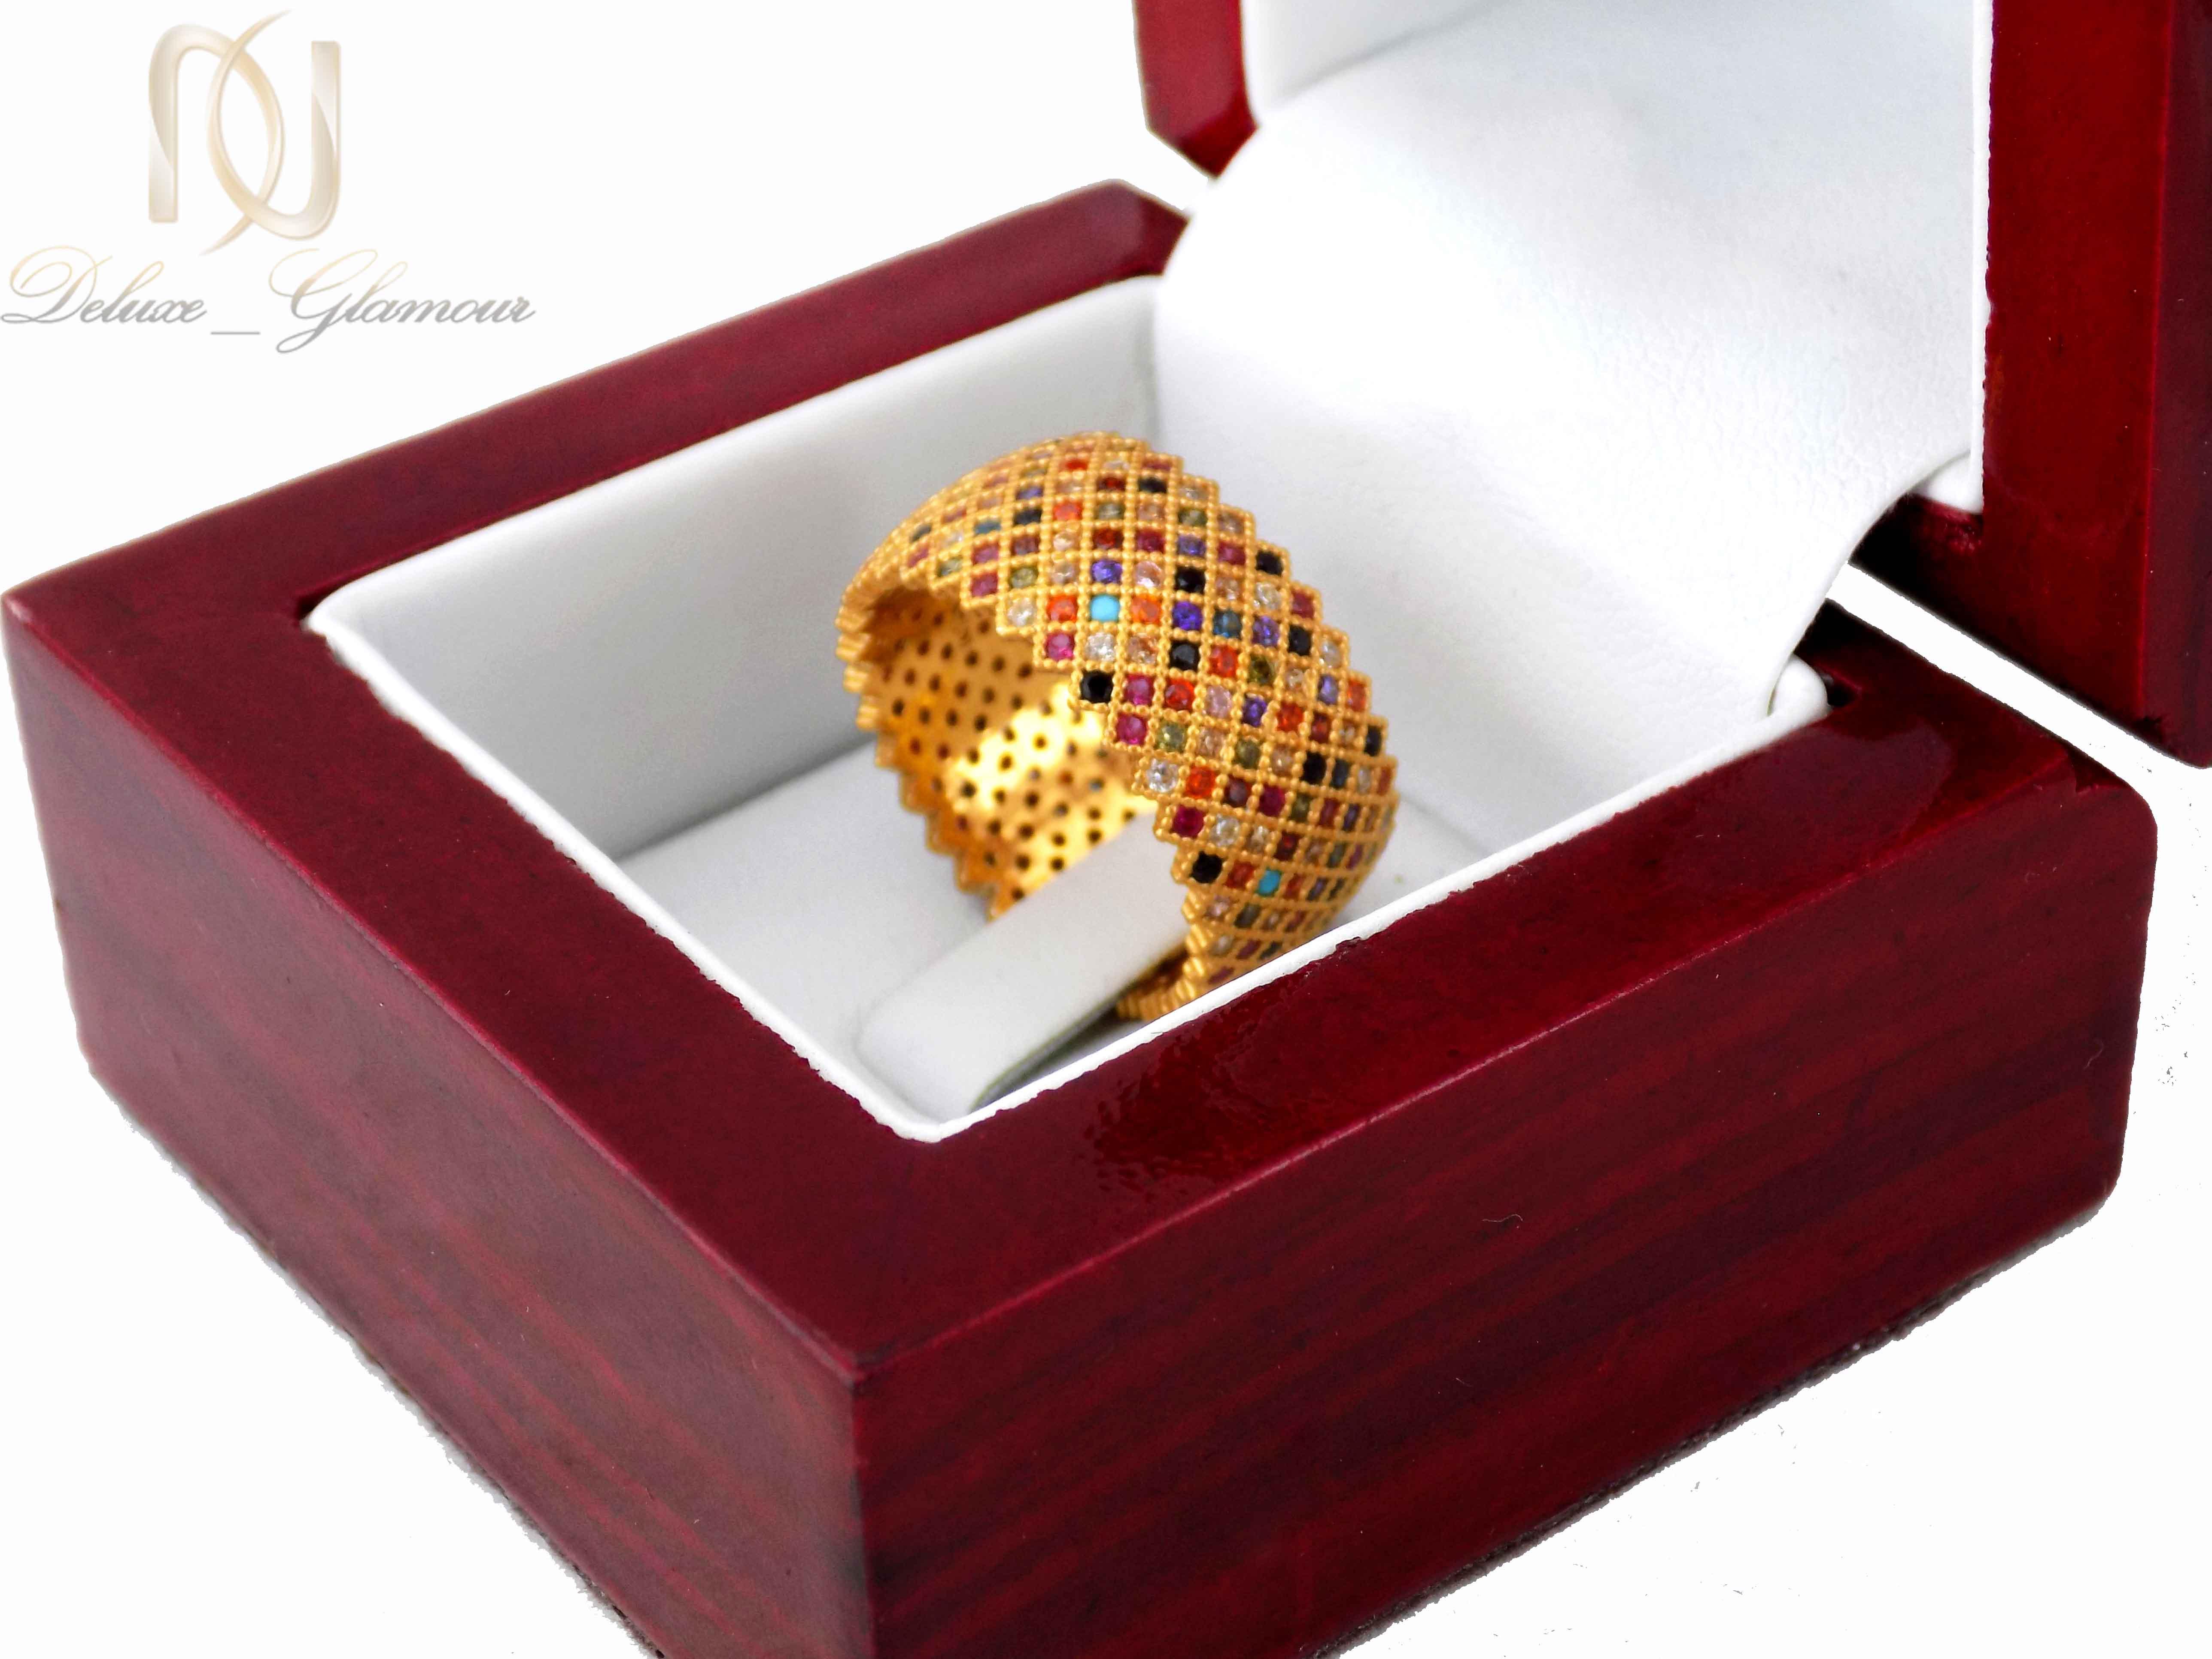 انگشتر نقره زنانه طرح پرنس طلایی rg-n322 از نمای کنار